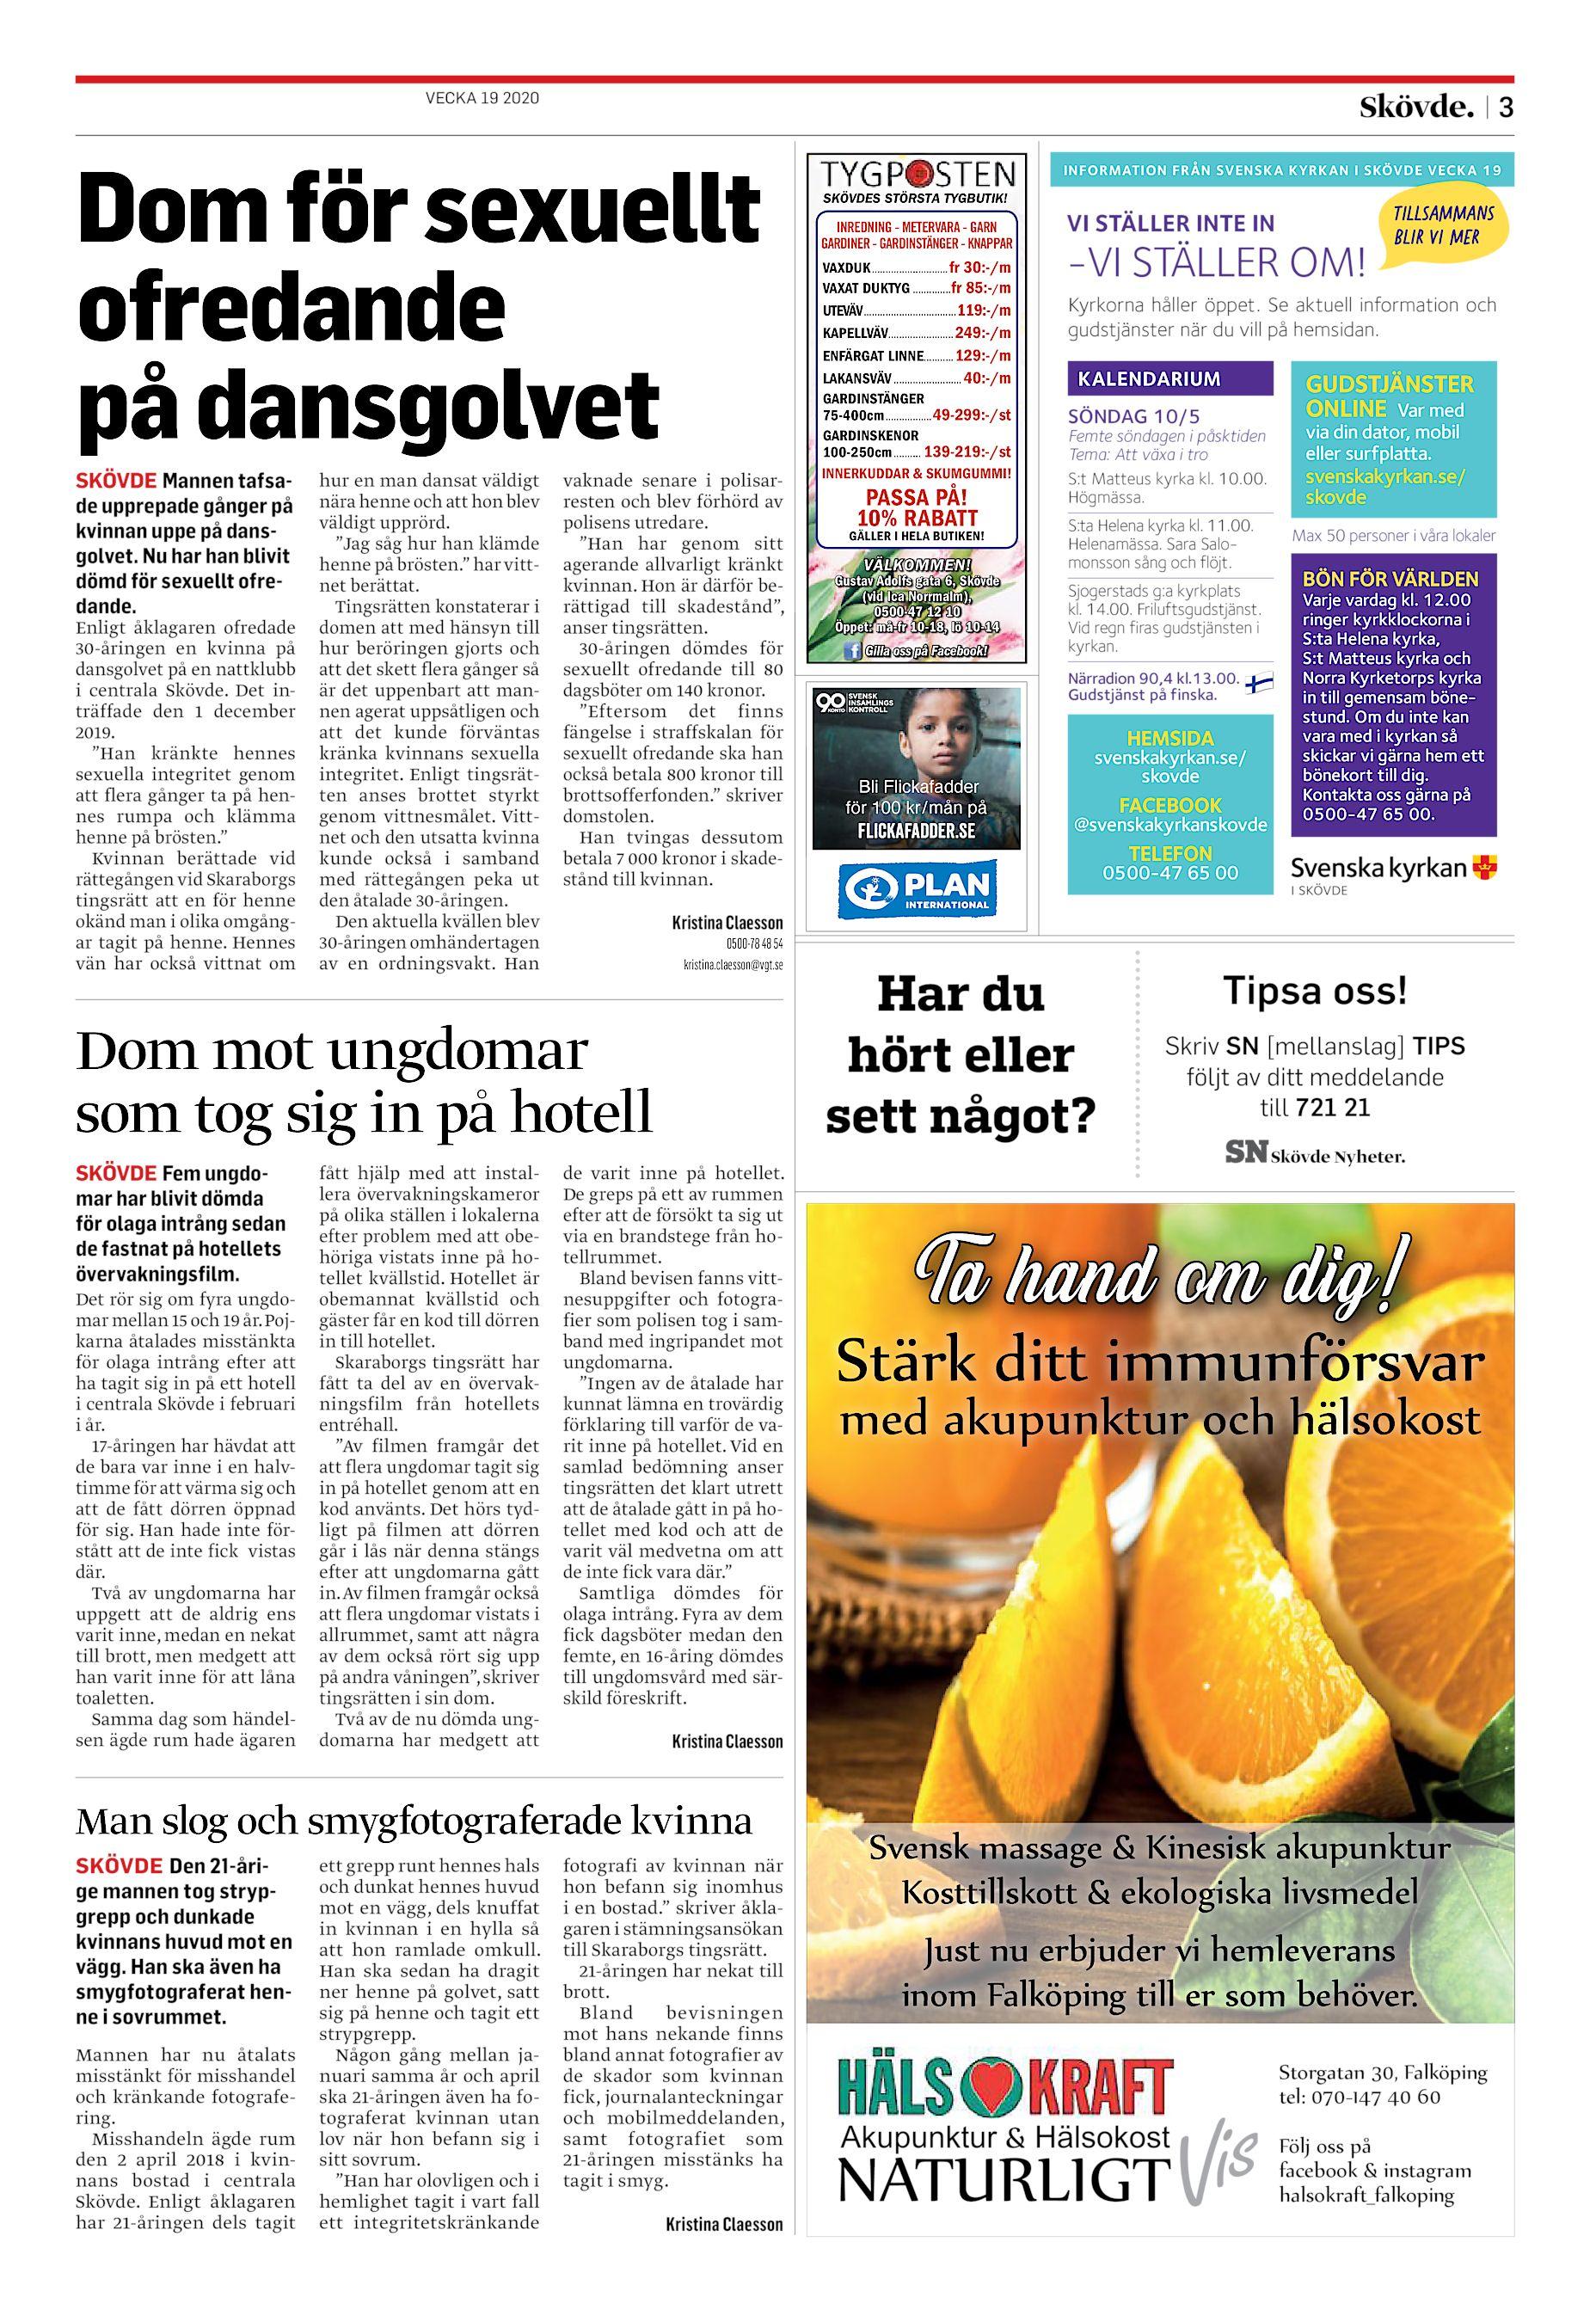 Search: Vstra Gtalands ln Rkenskaper fr kyrka(satisfaction-survey.net